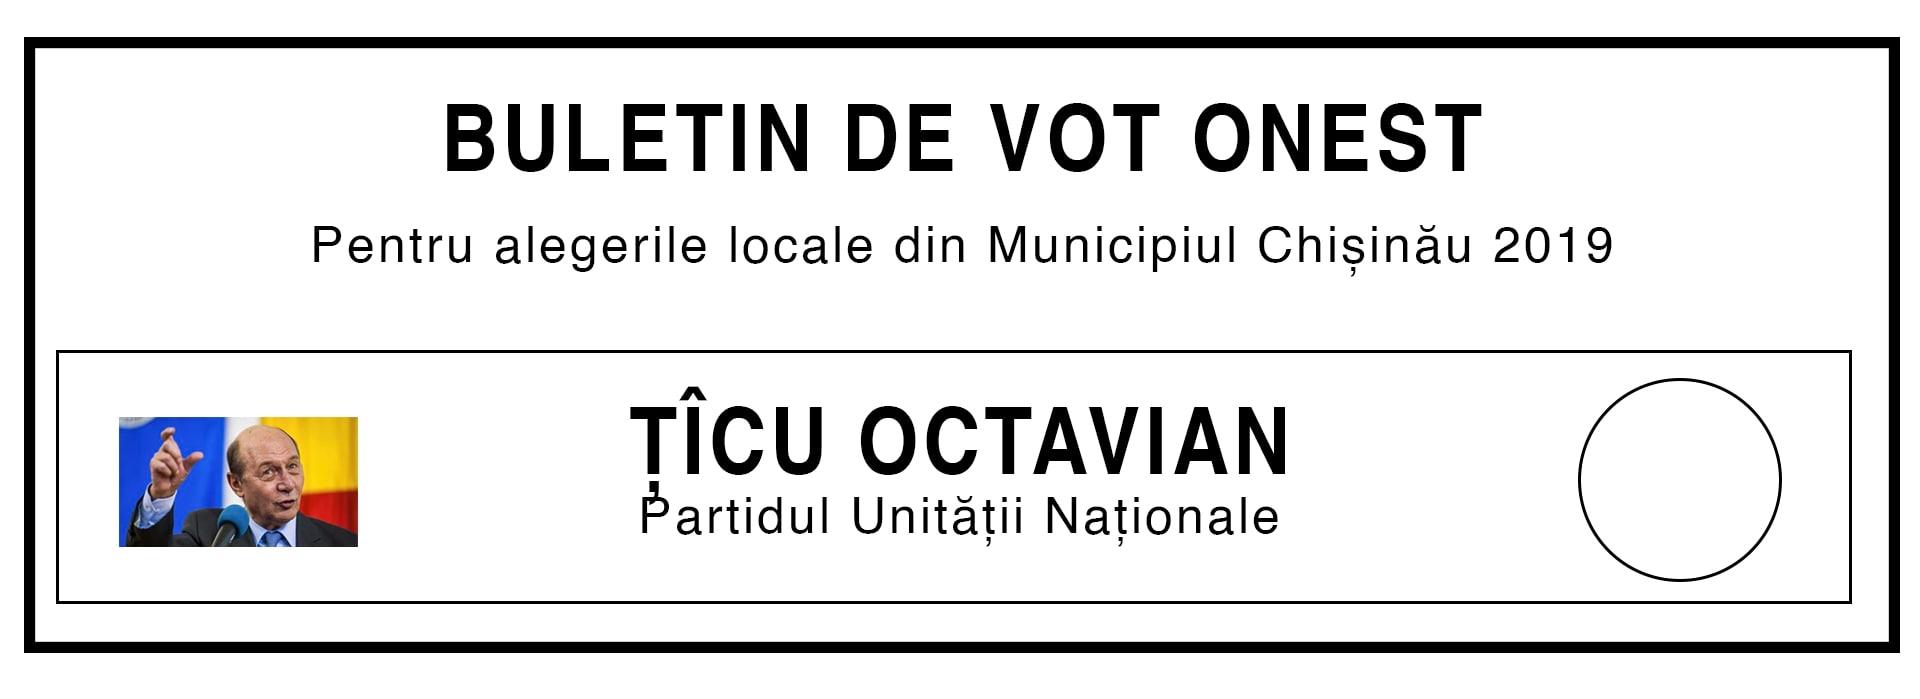 Ticu Octavian